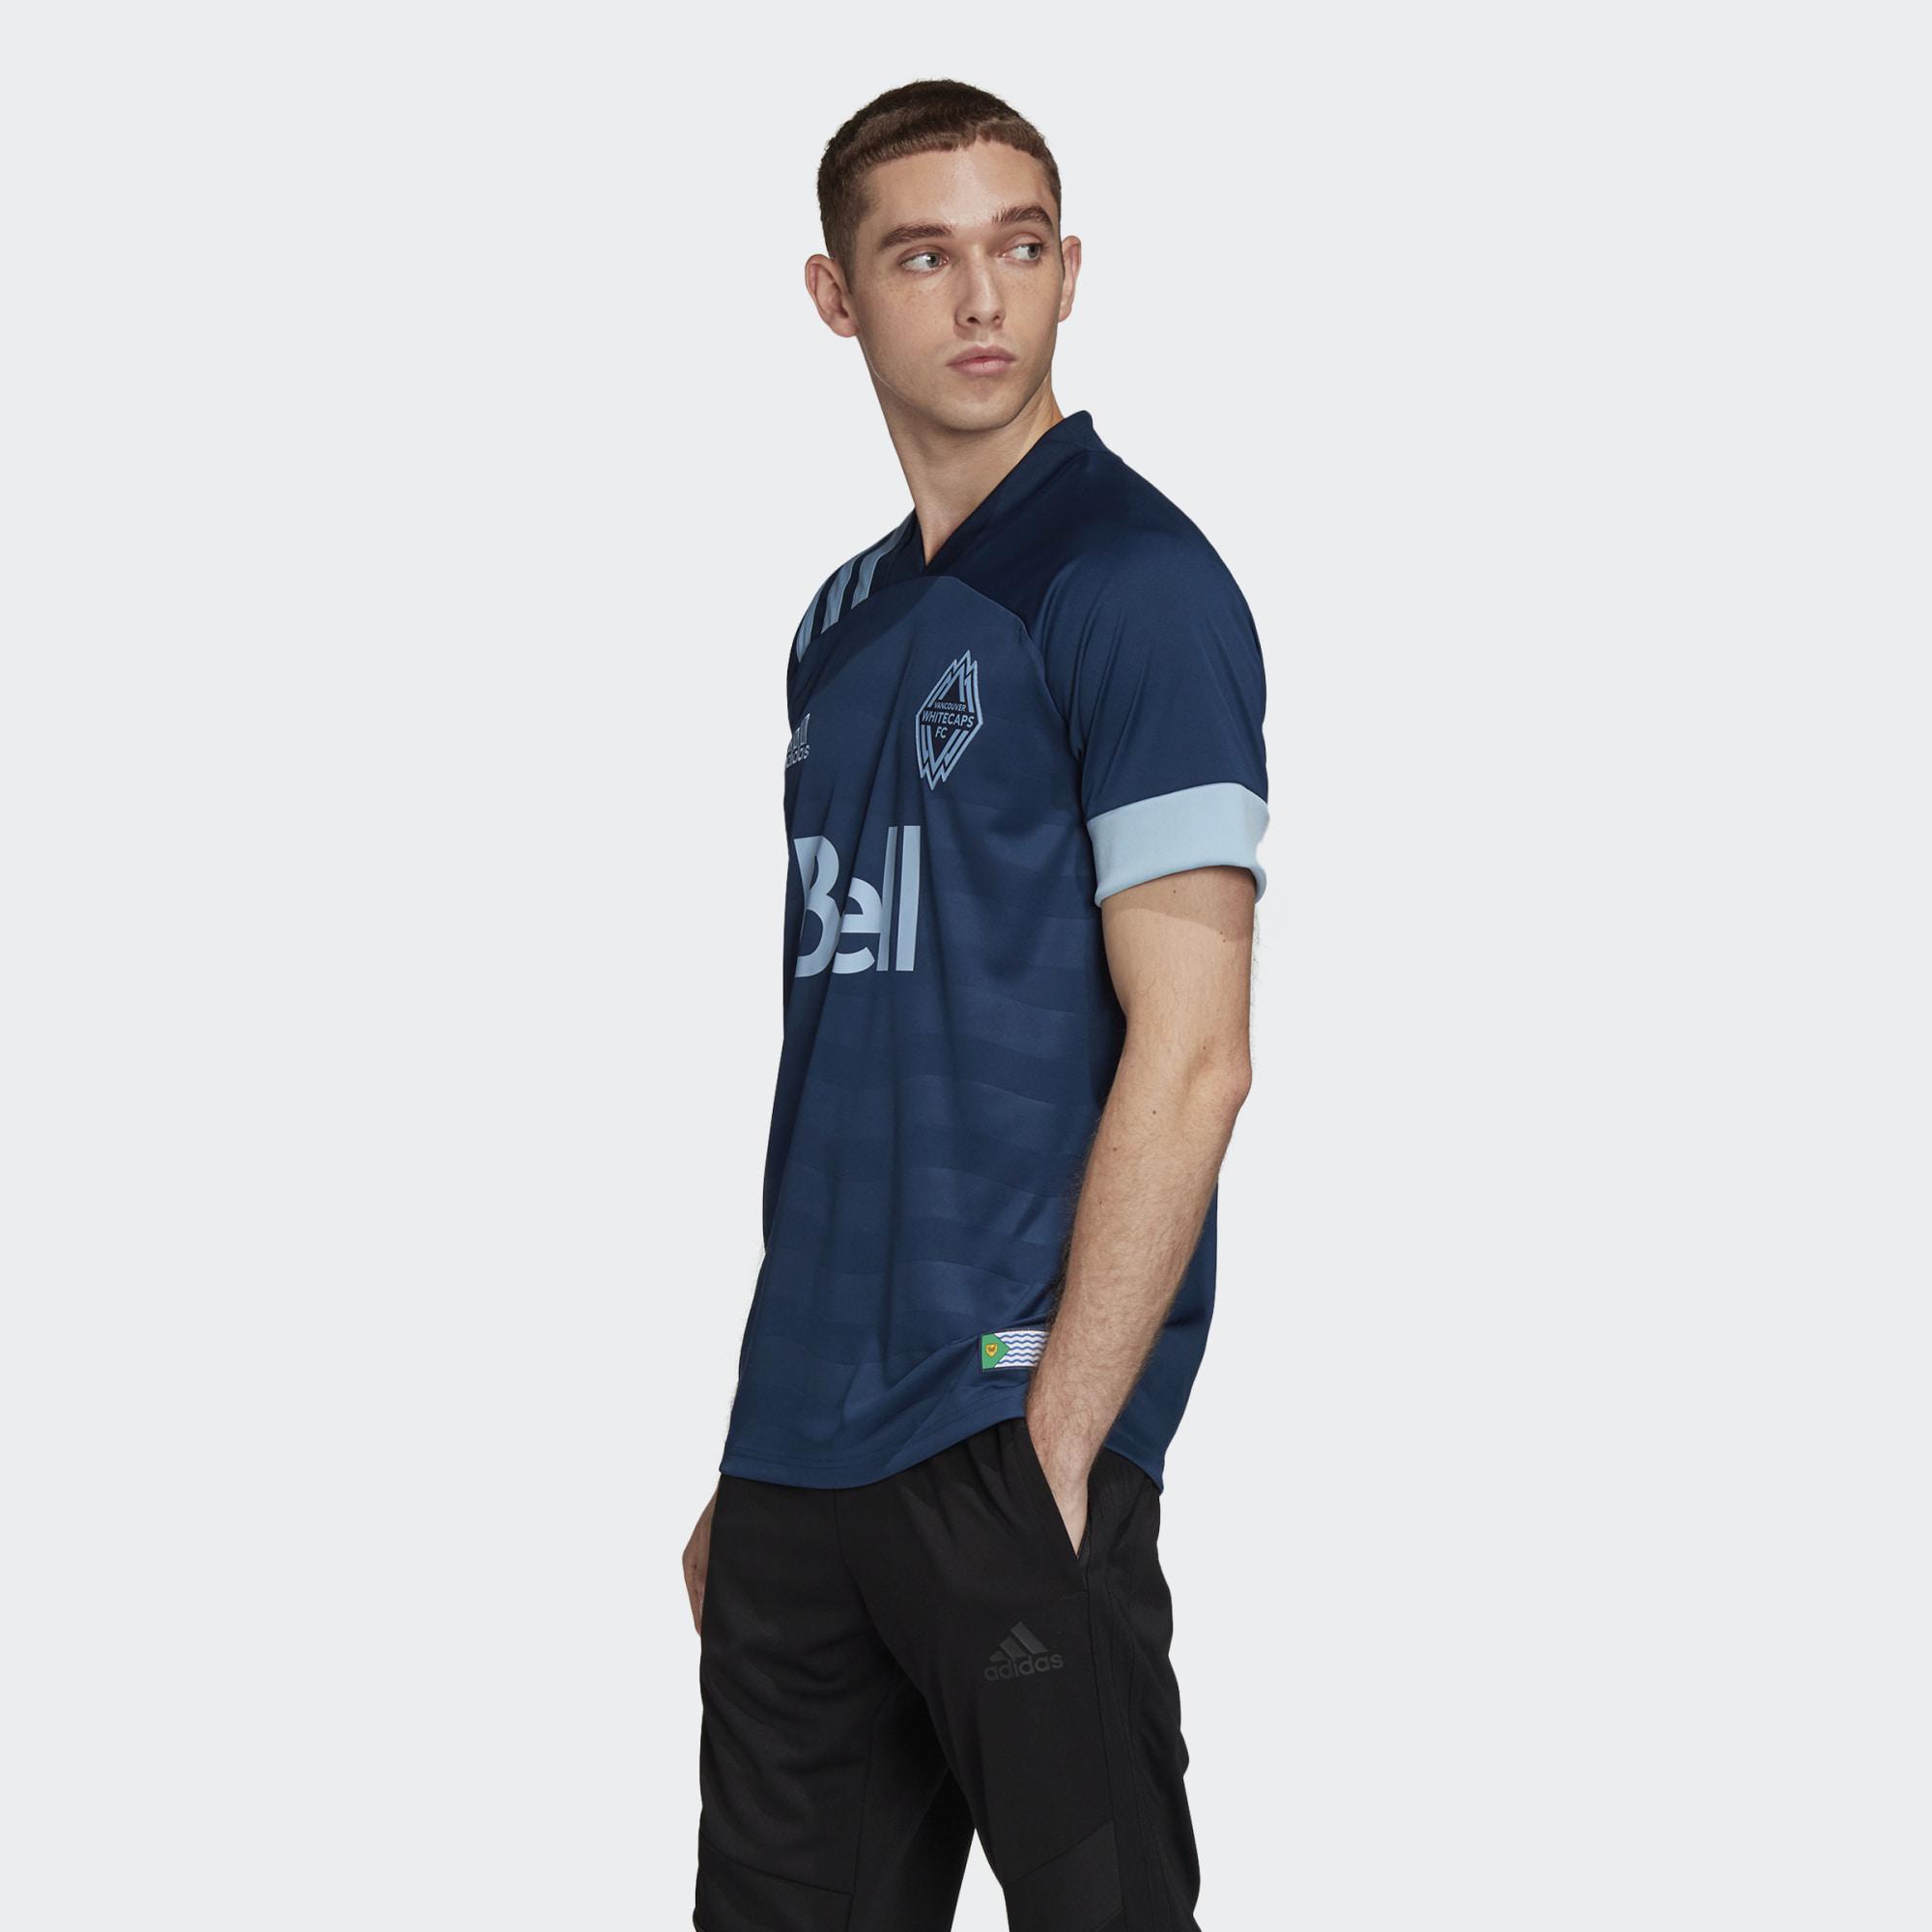 Vancouver Whitecaps 2020-21 Adidas Away Kit | 20/21 Kits ...